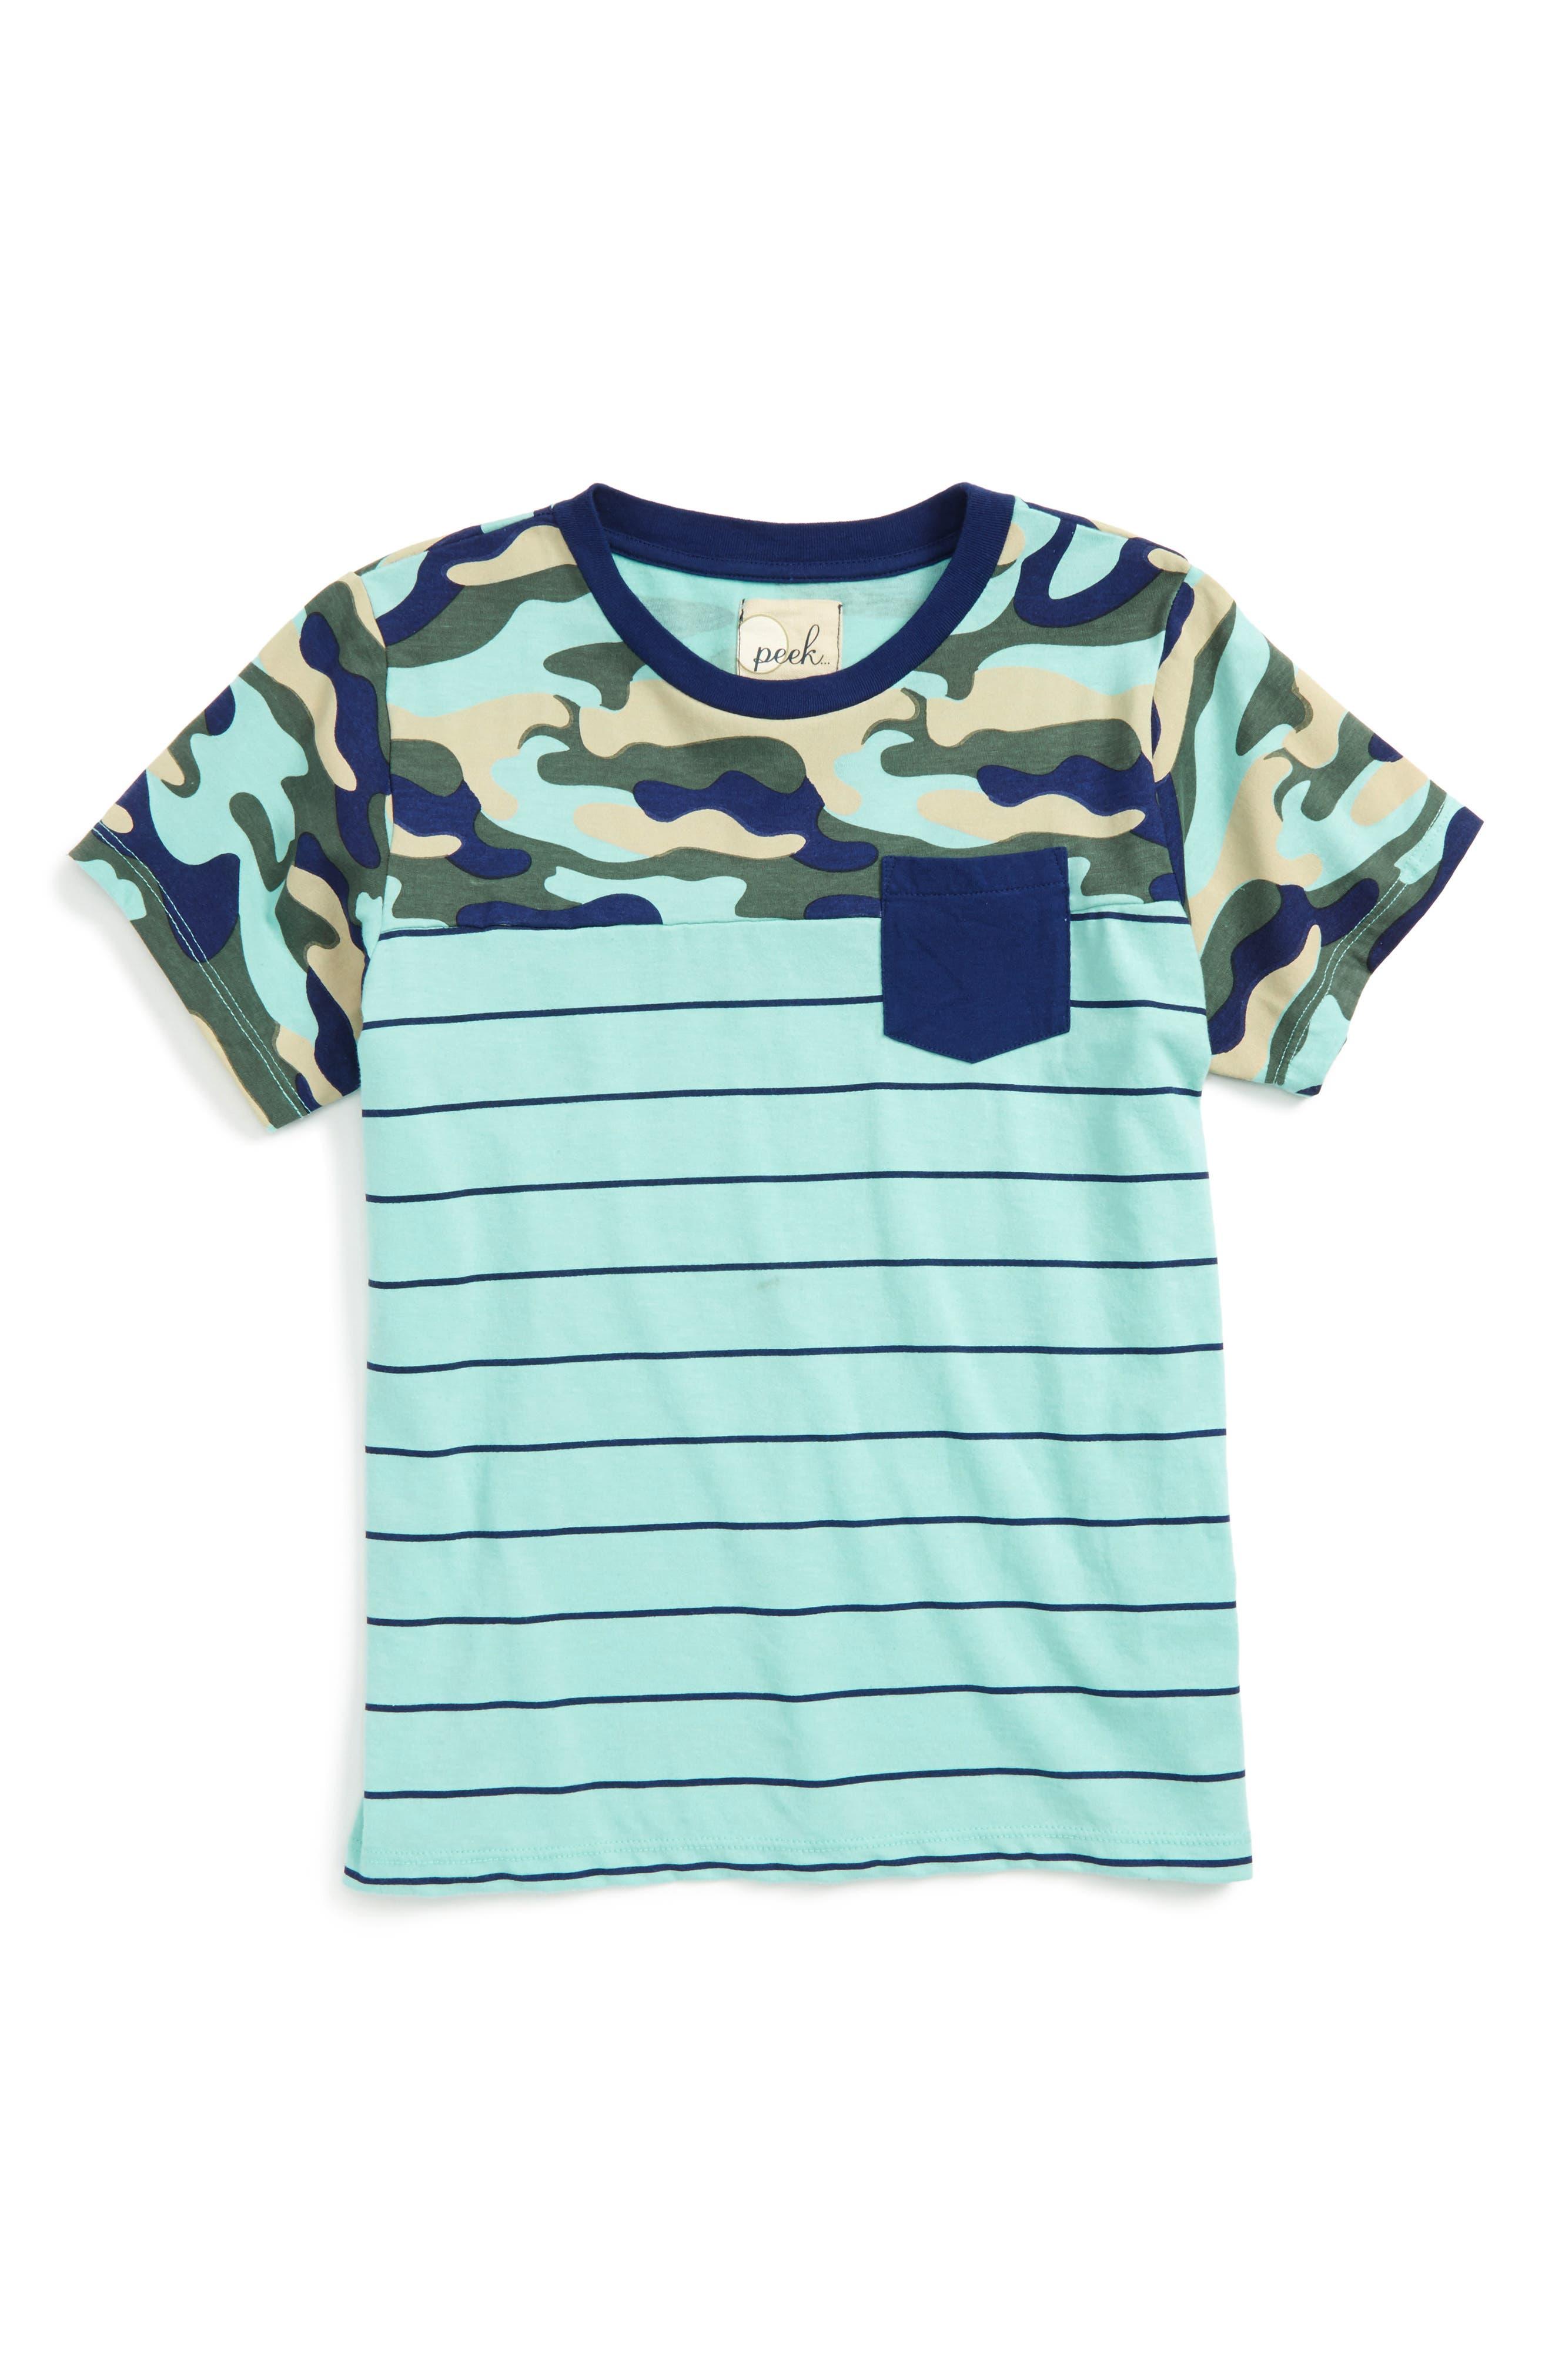 Peek Brett Camo Pocket T-Shirt (Toddler Boys, Little Boys & Big Boys)